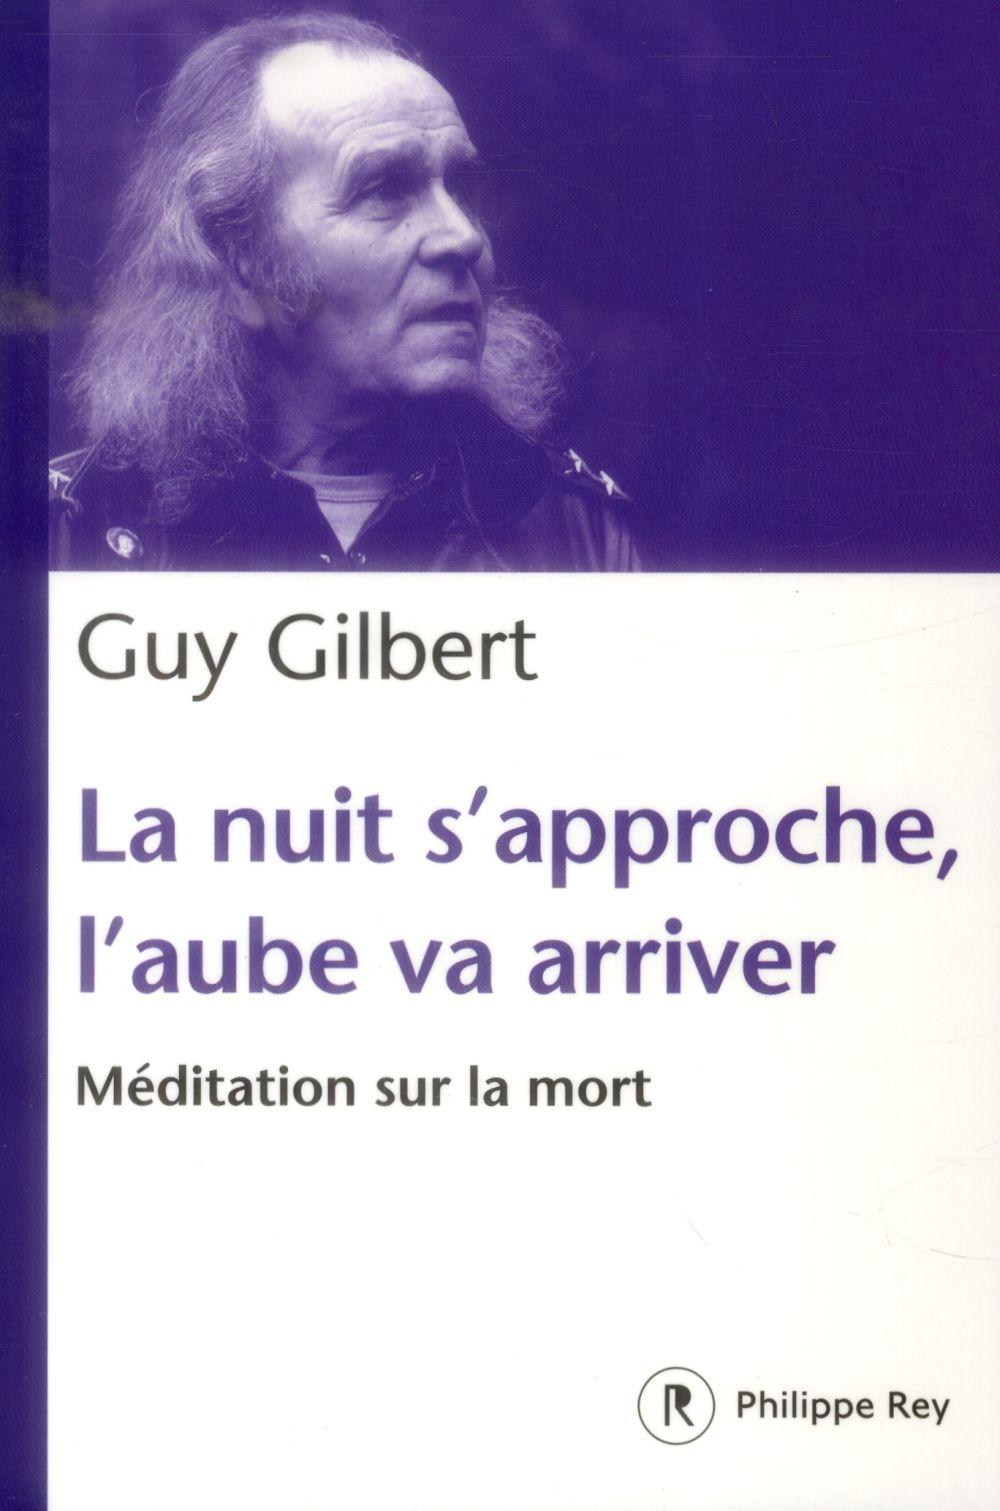 LA NUIT S'APPROCHE, L'AUBE VA ARRIVER : MEDITATION SUR LA MORT